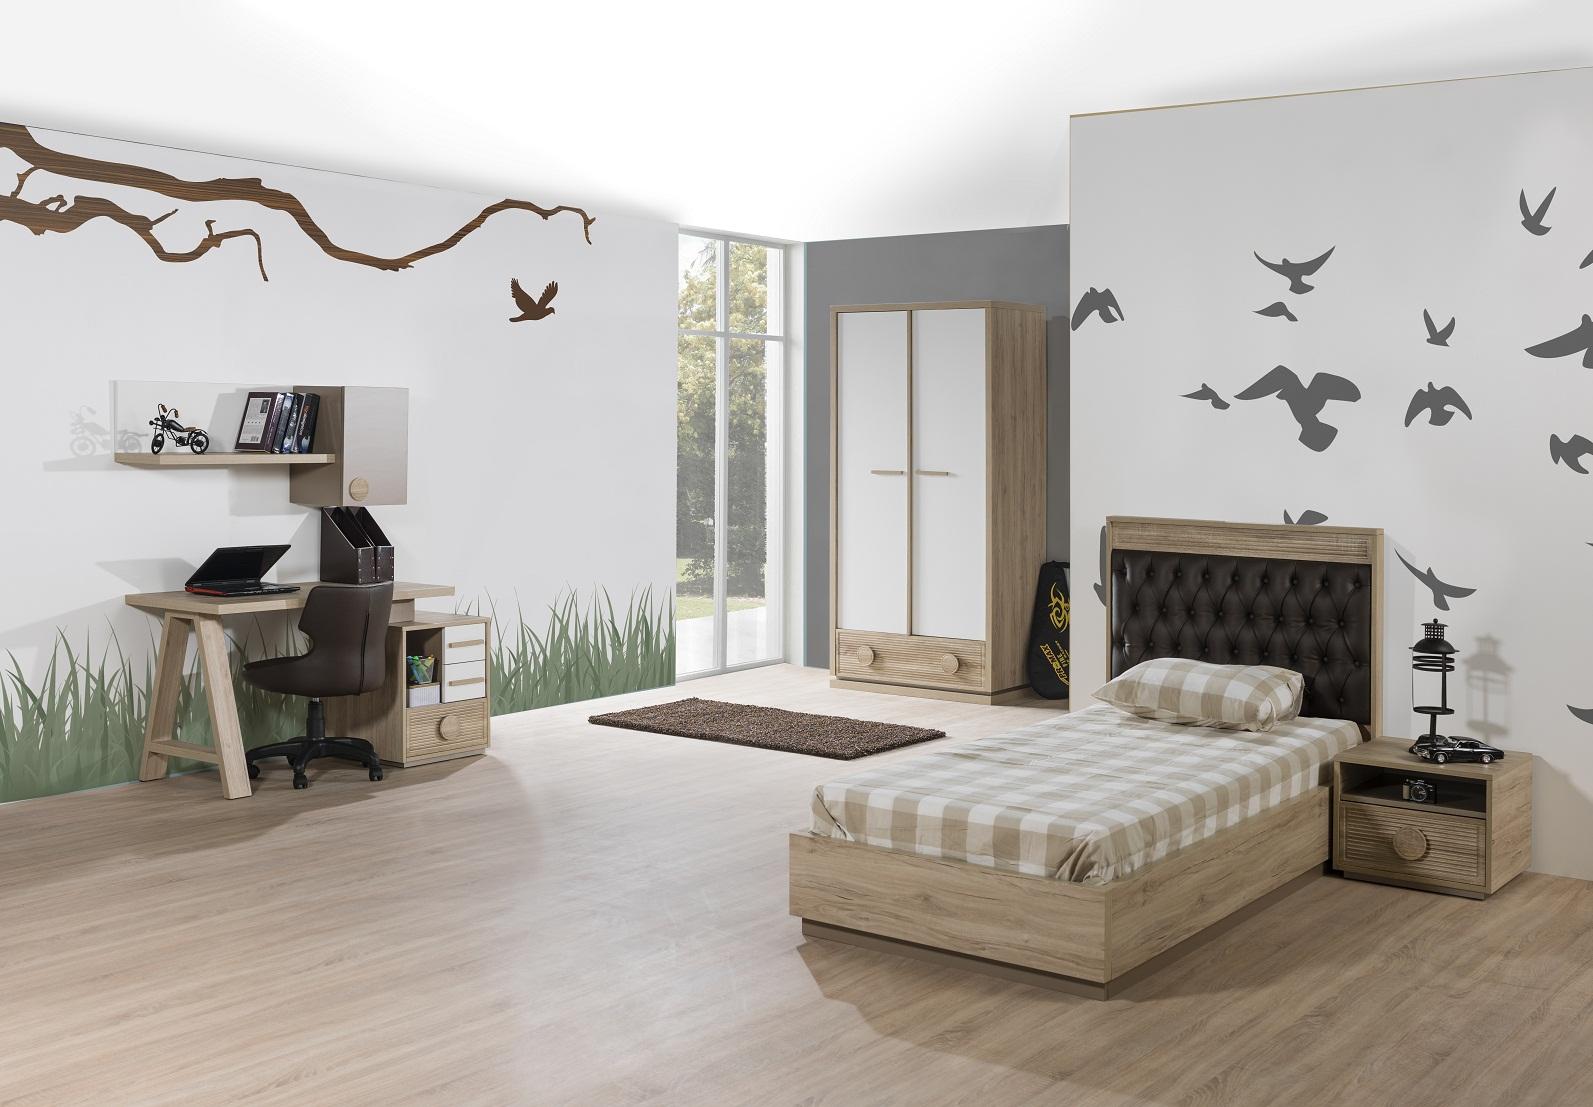 Gewaltig Bett Jugendzimmer Referenz Von Kinderzimmer Alfa 90x200 Cm Natur Braun Weiss